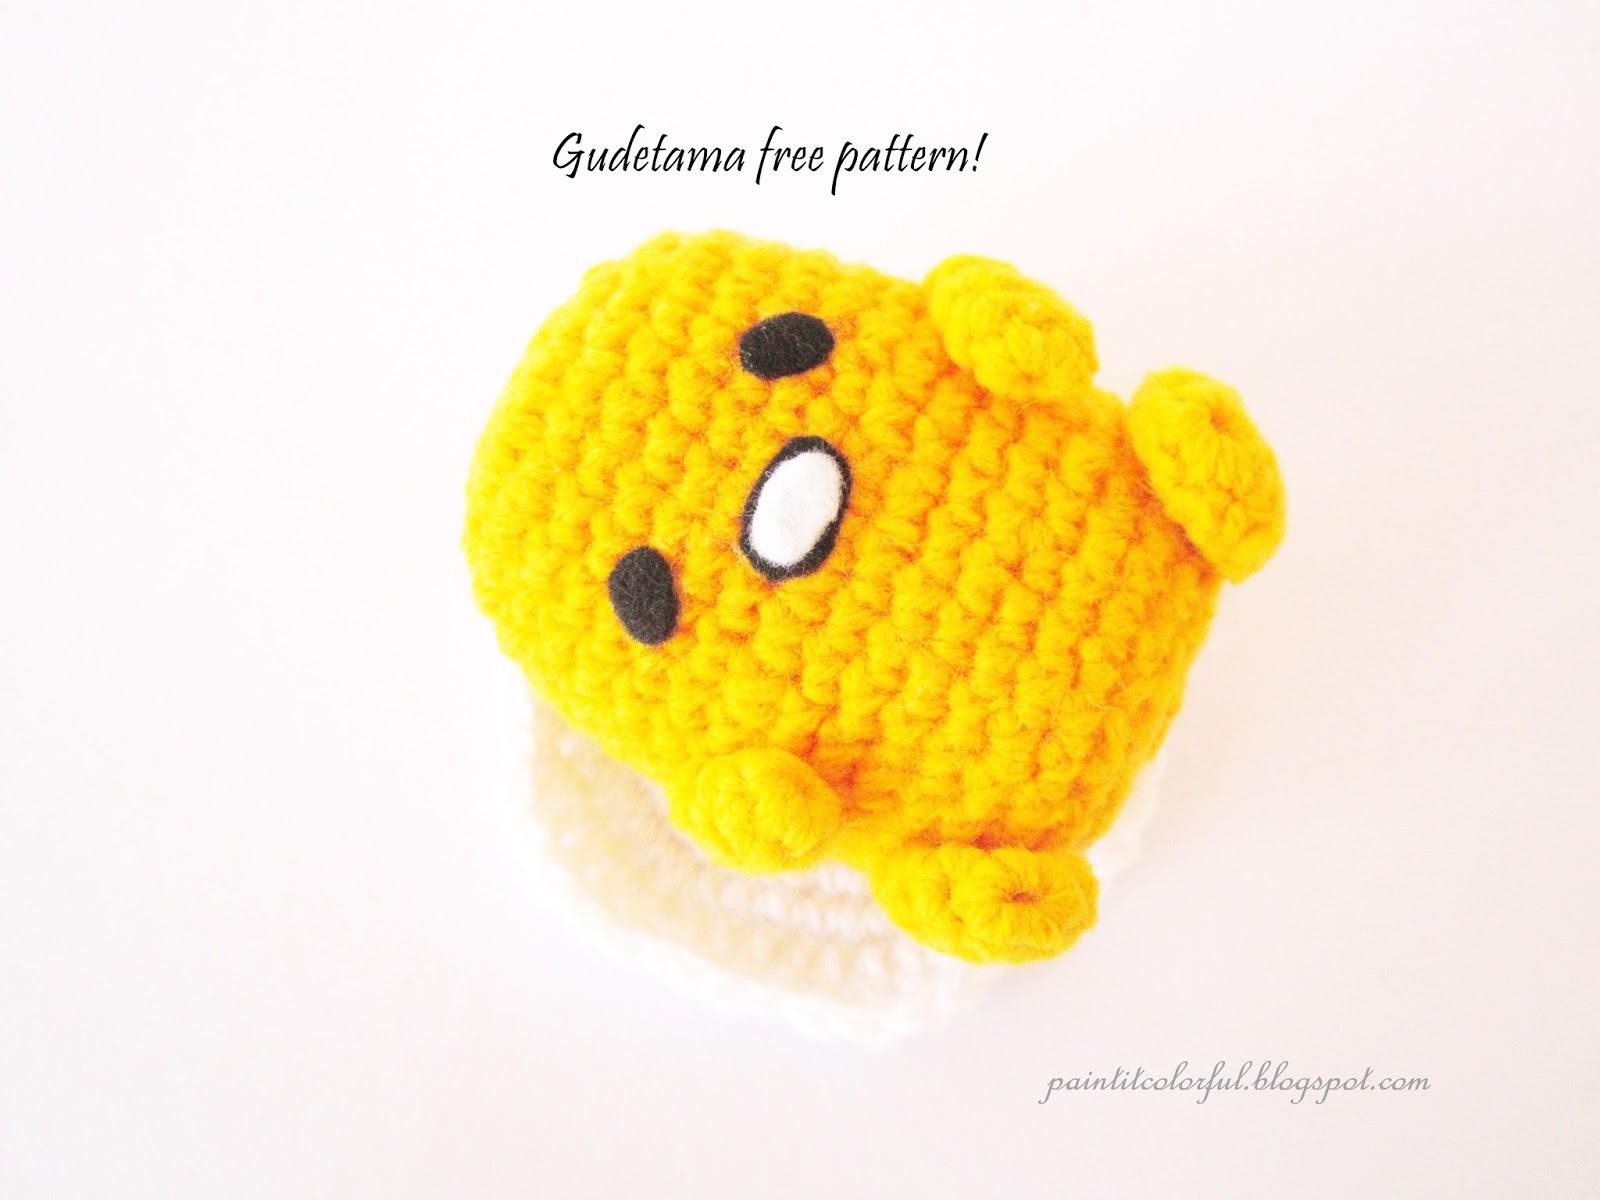 Amigurumi Kawaii Free : Amigurumi gudetama free pattern a little love everyday